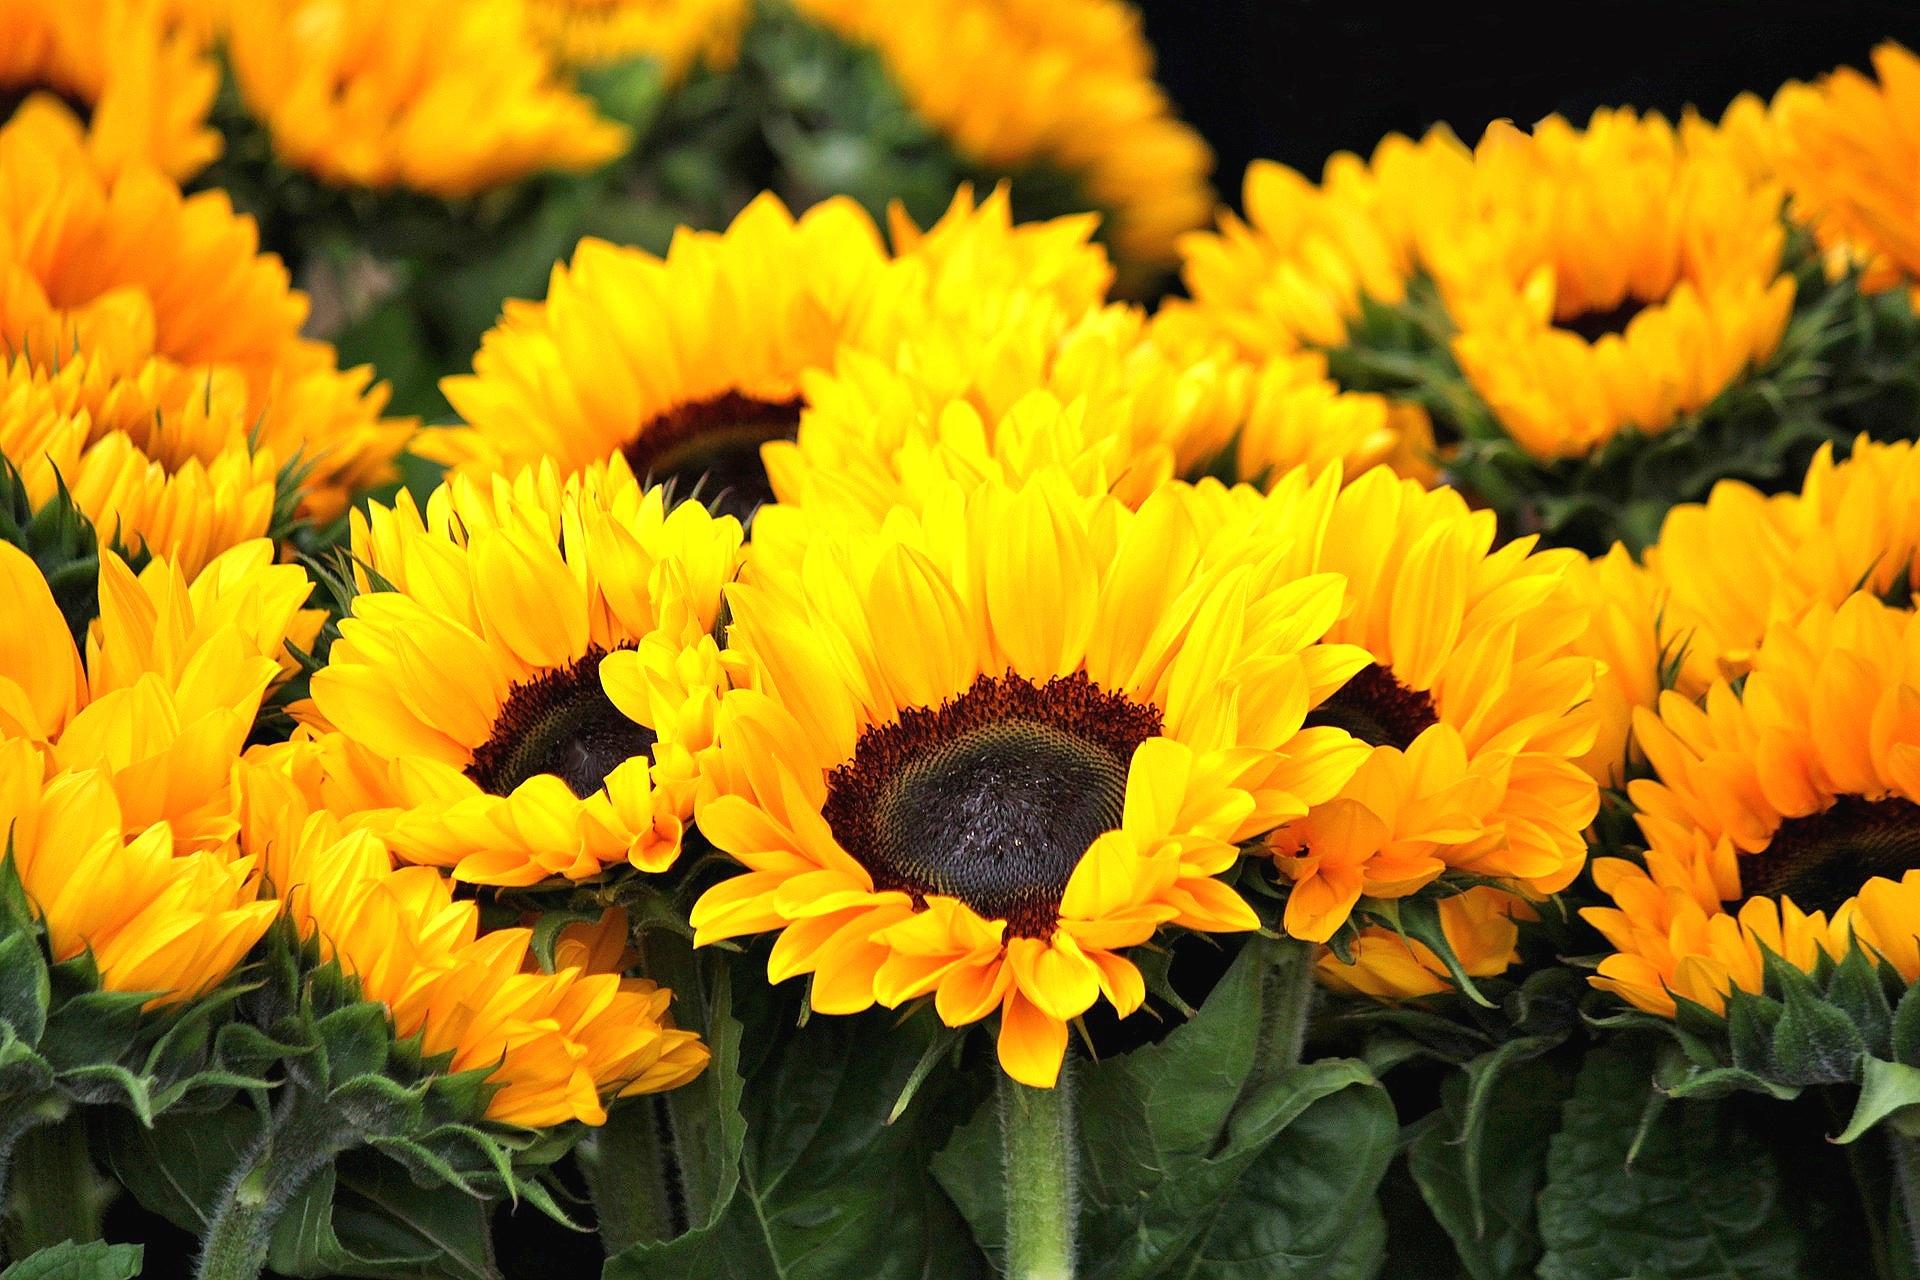 sunflower-378270_1920.jpg